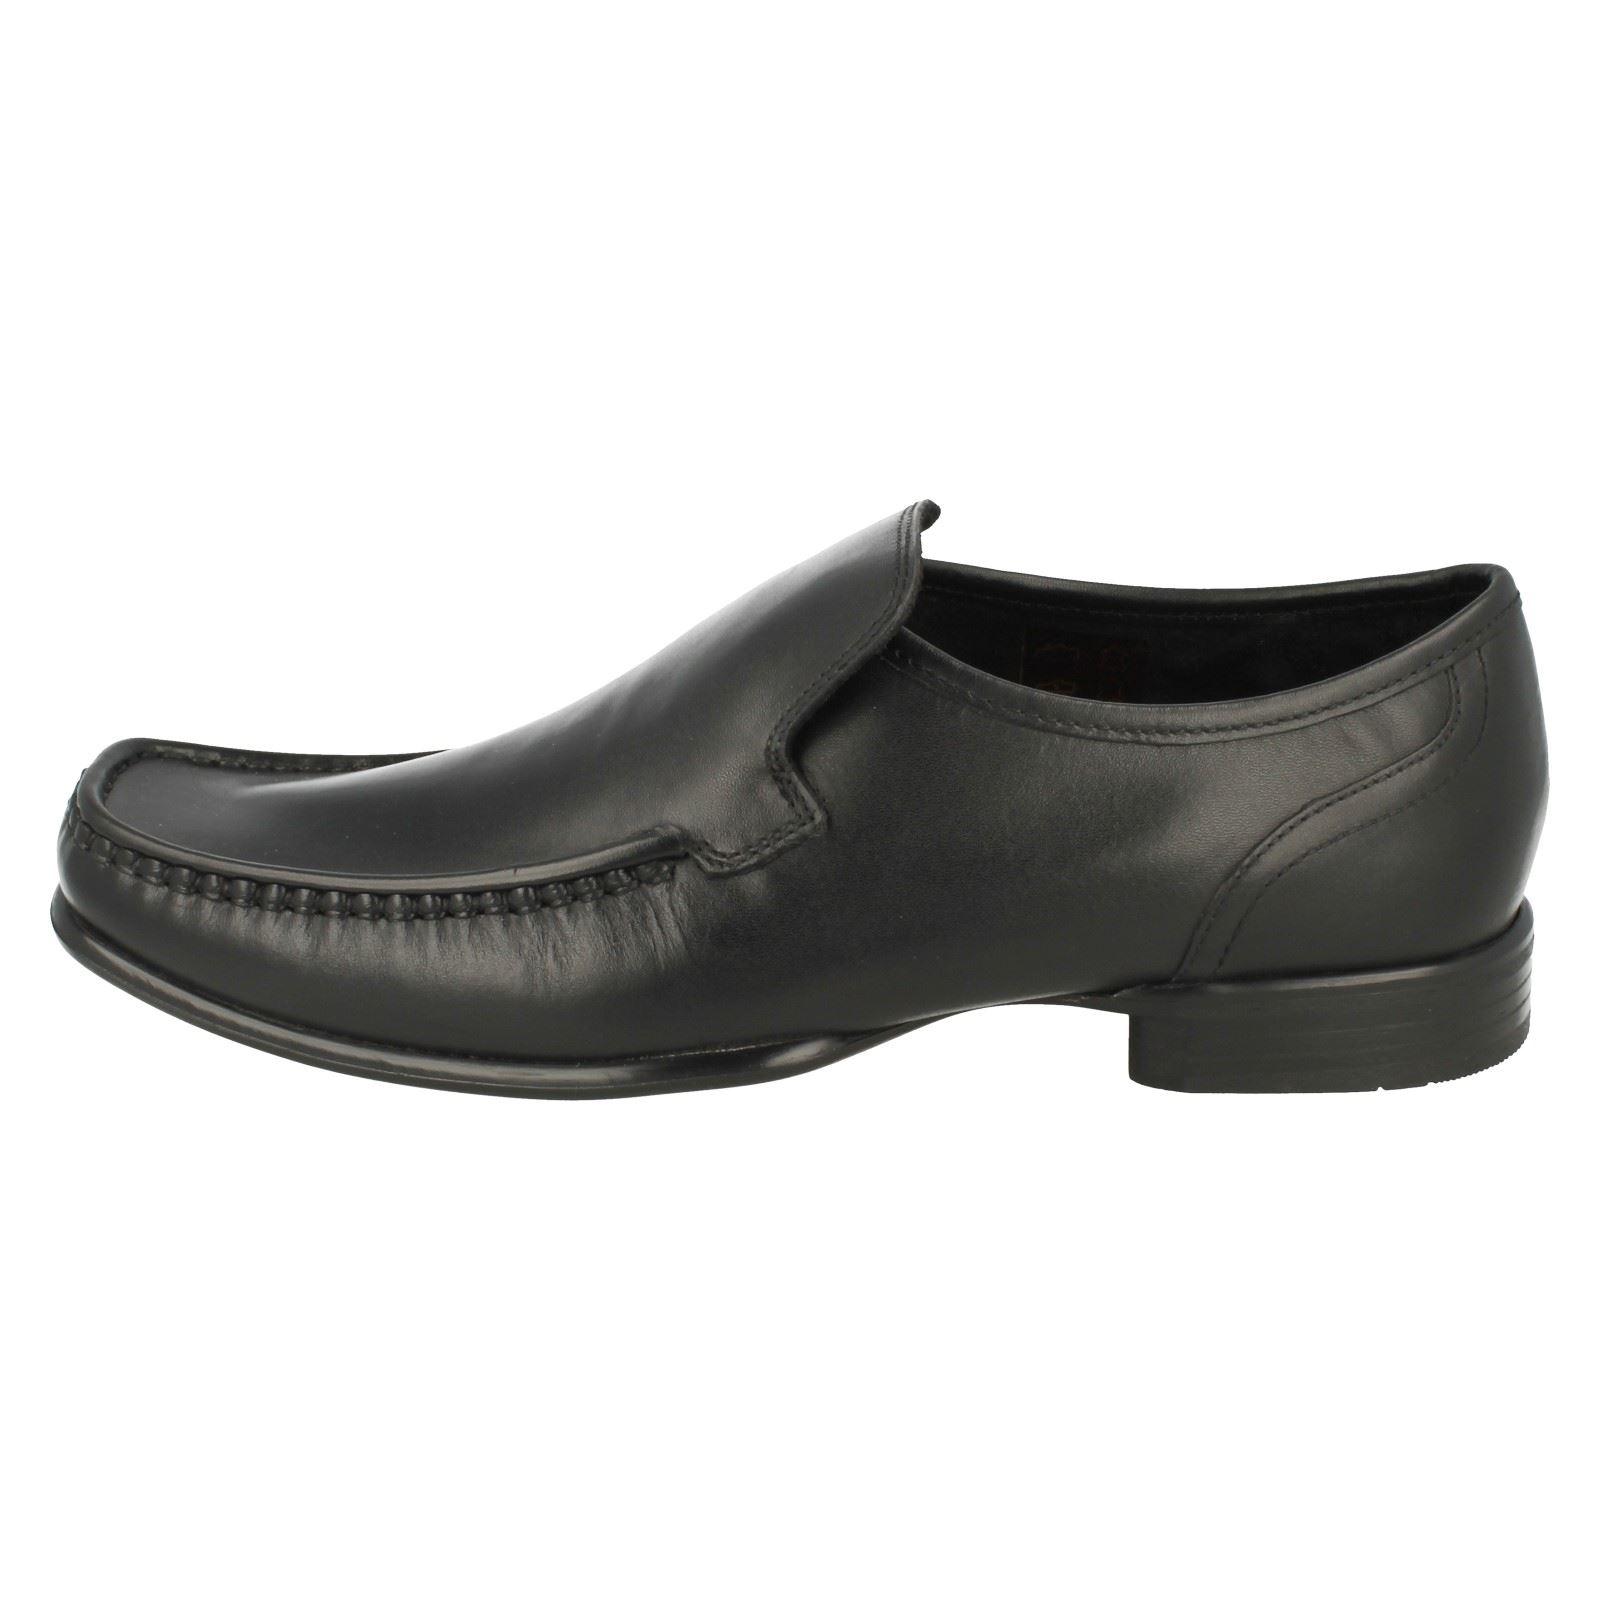 Mens Ikon Slip On Moccasin Shoes /'Argent/'